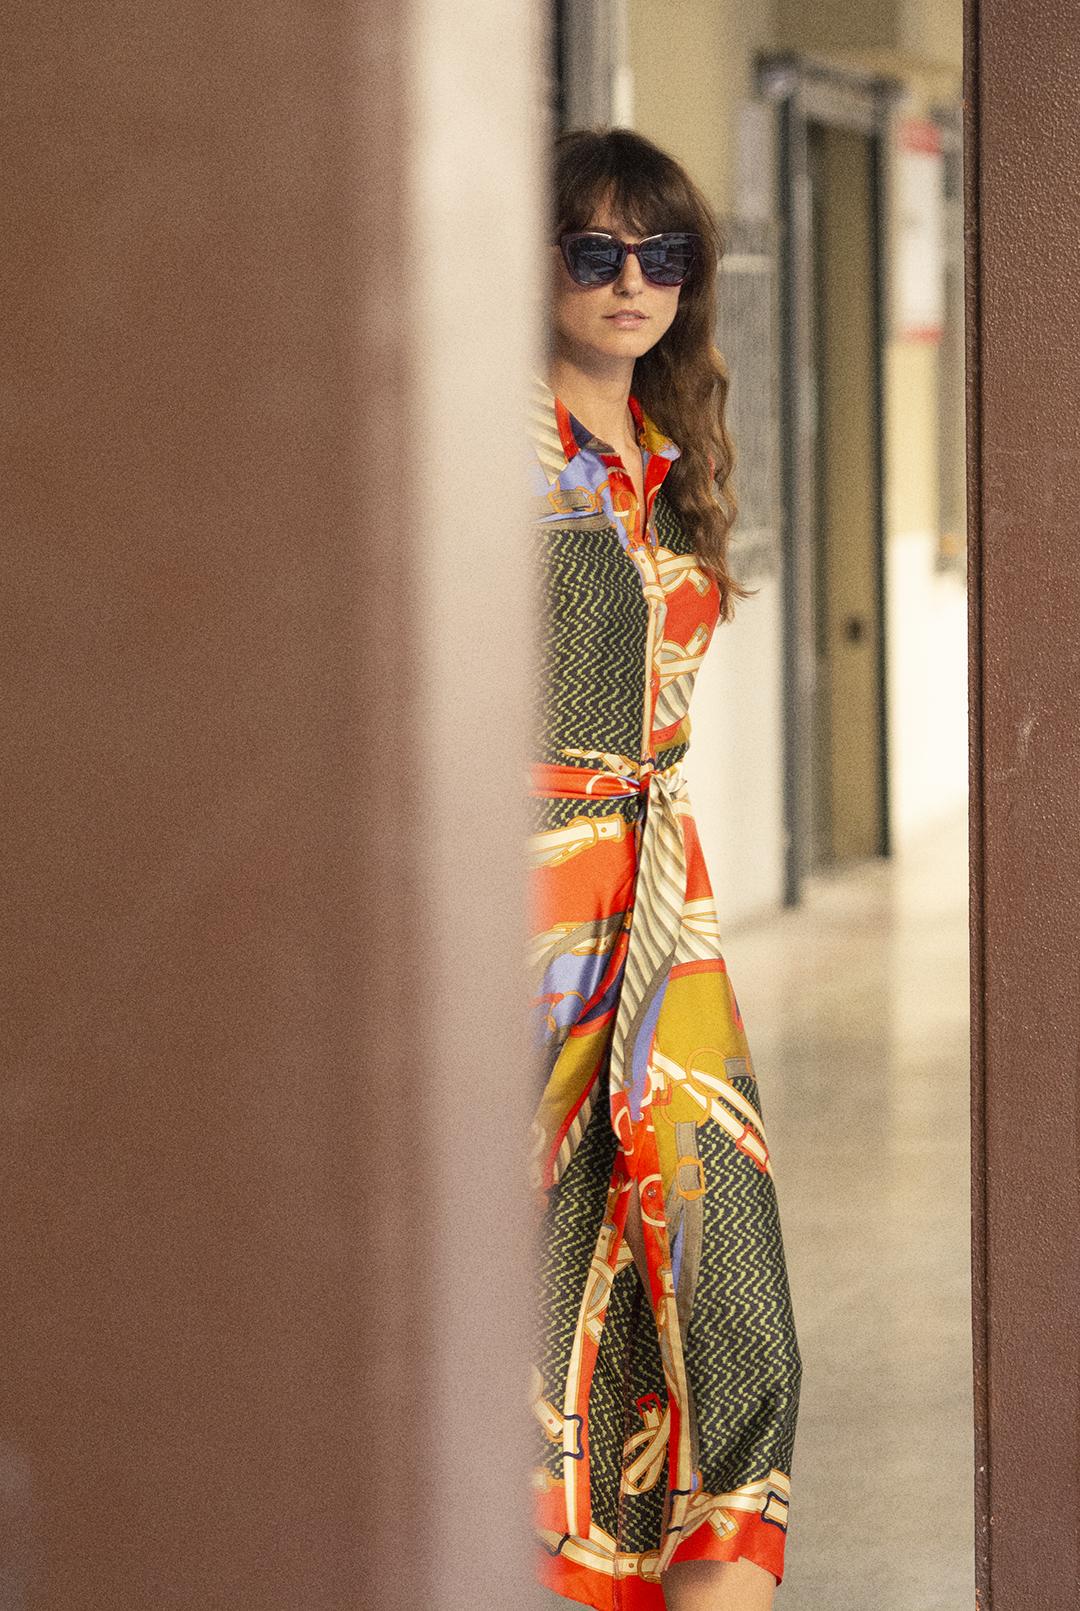 vestido-pañuelo-streetstyle-mitmeblog-03 copia